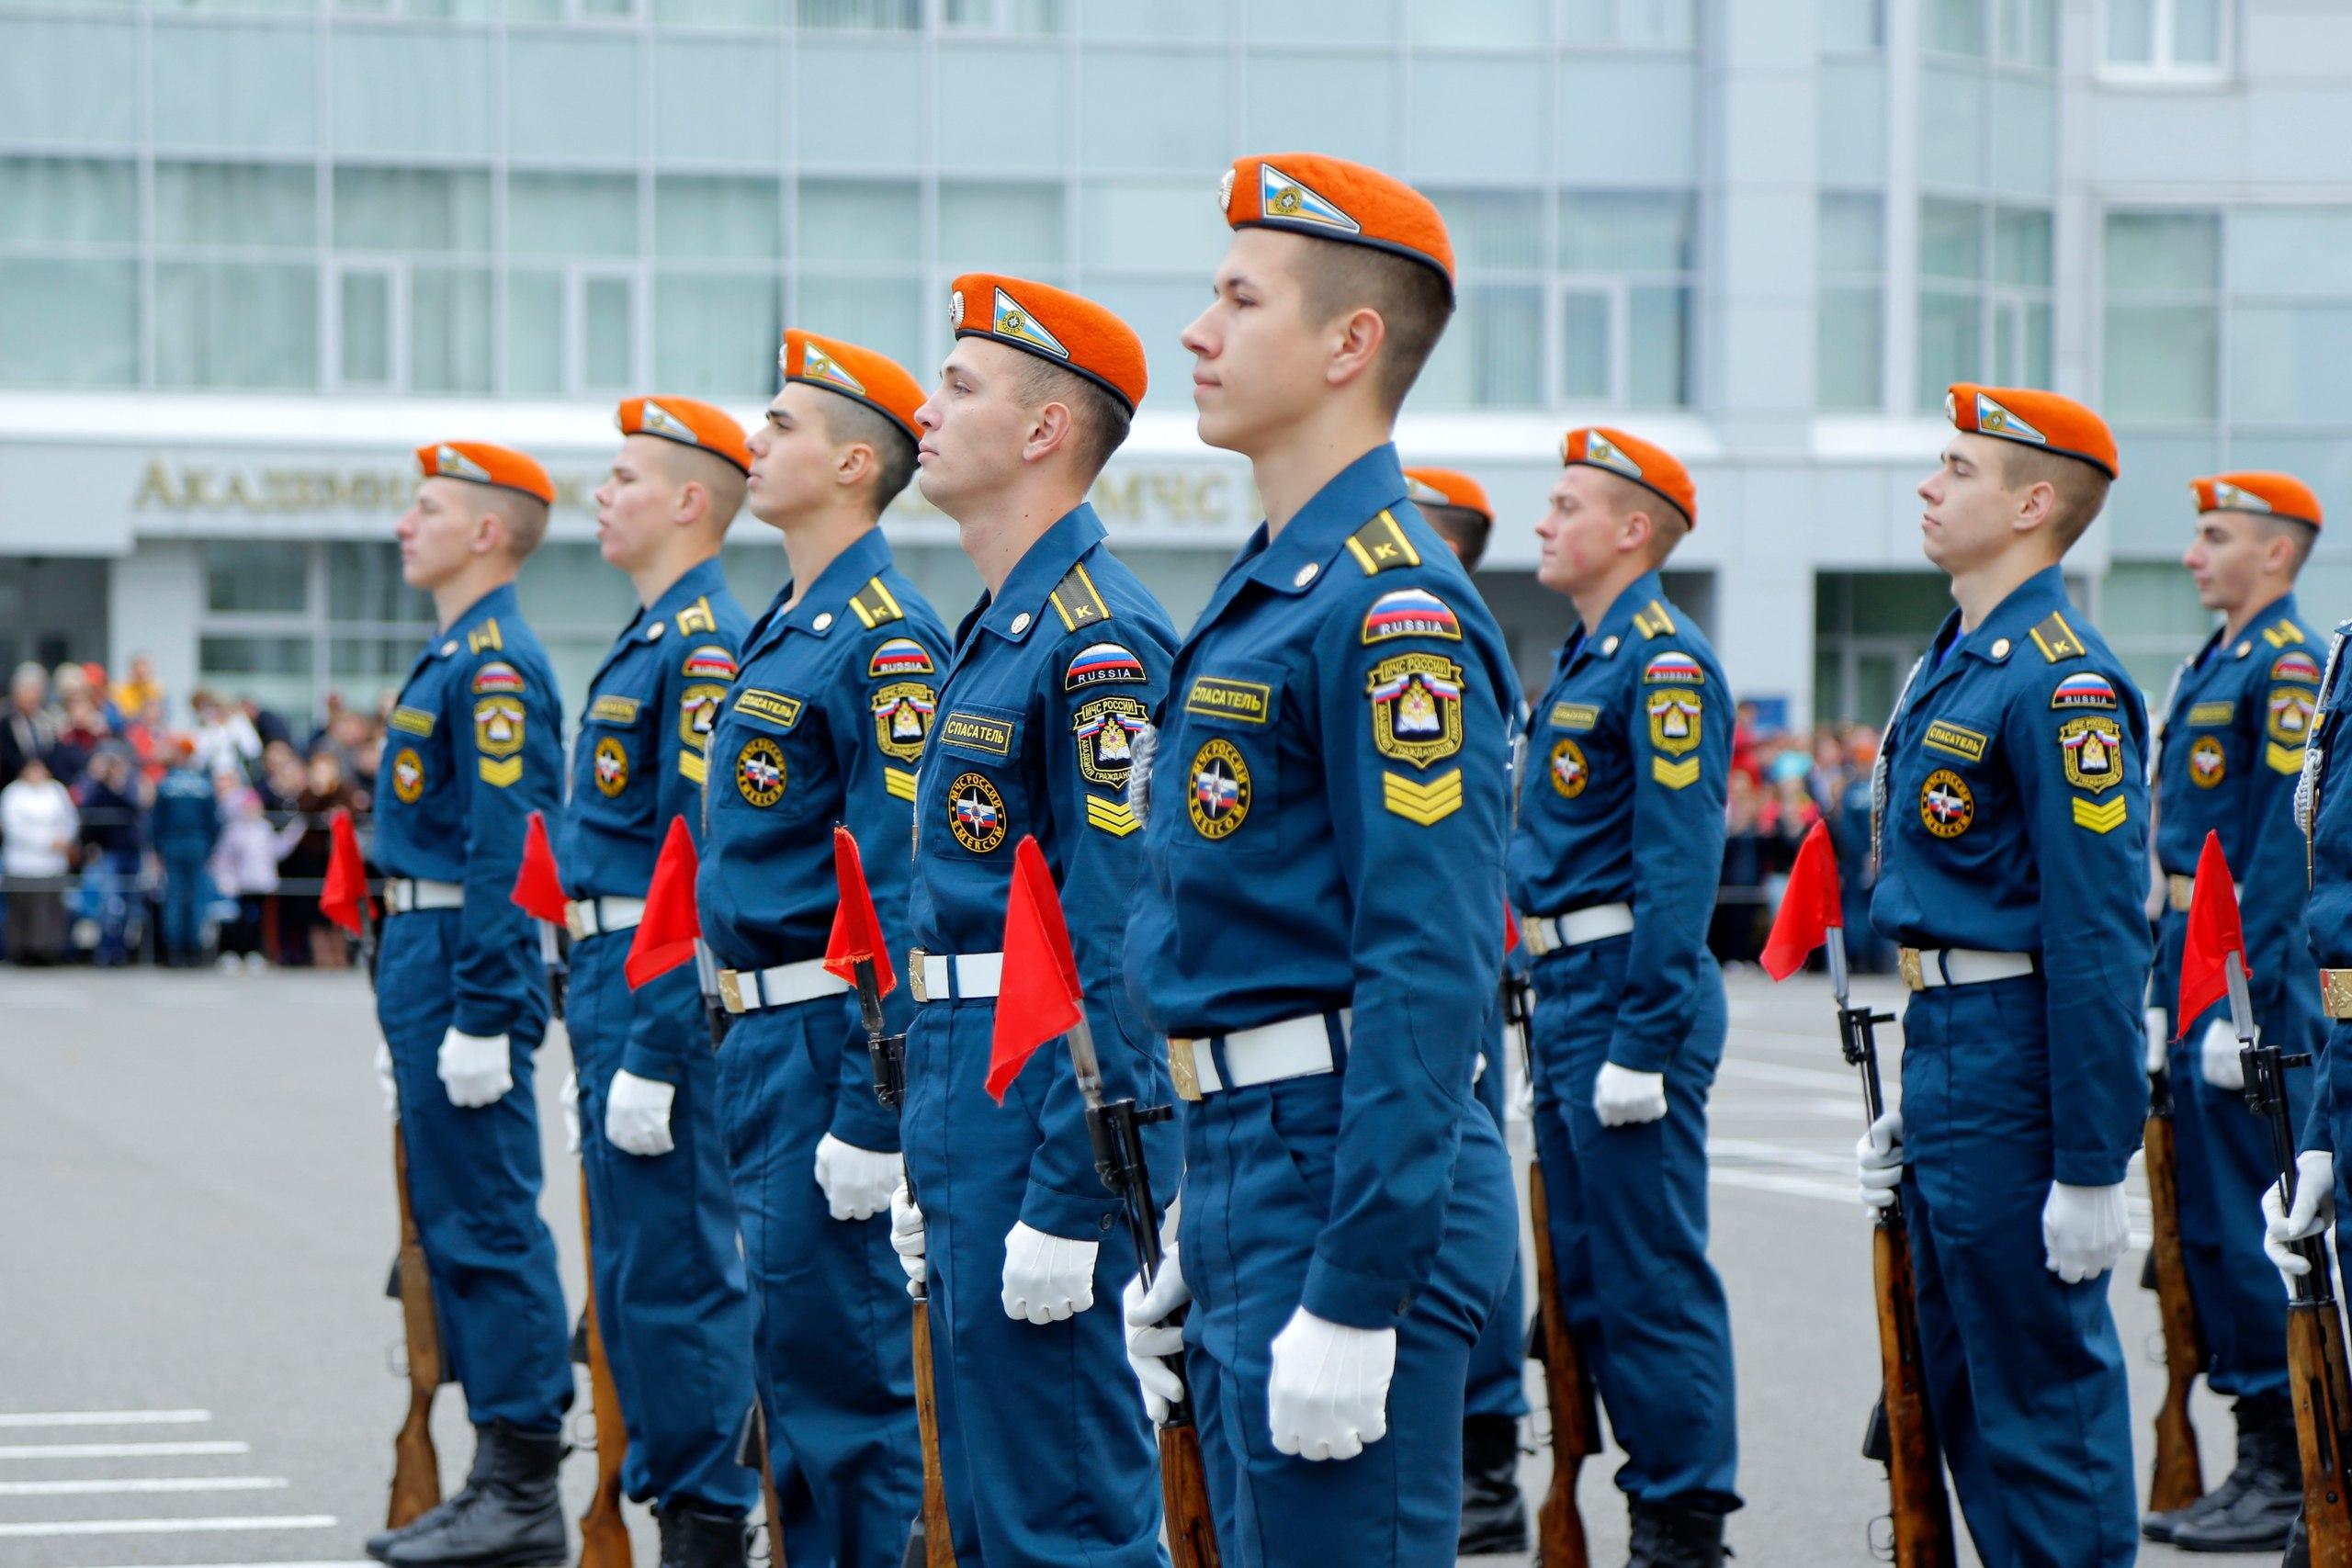 МЧС России планирует увеличить квоты казахстанцам для поступления в ведомственные вузы, МЧС России , Квота, Поступление, Ведомственный вуз